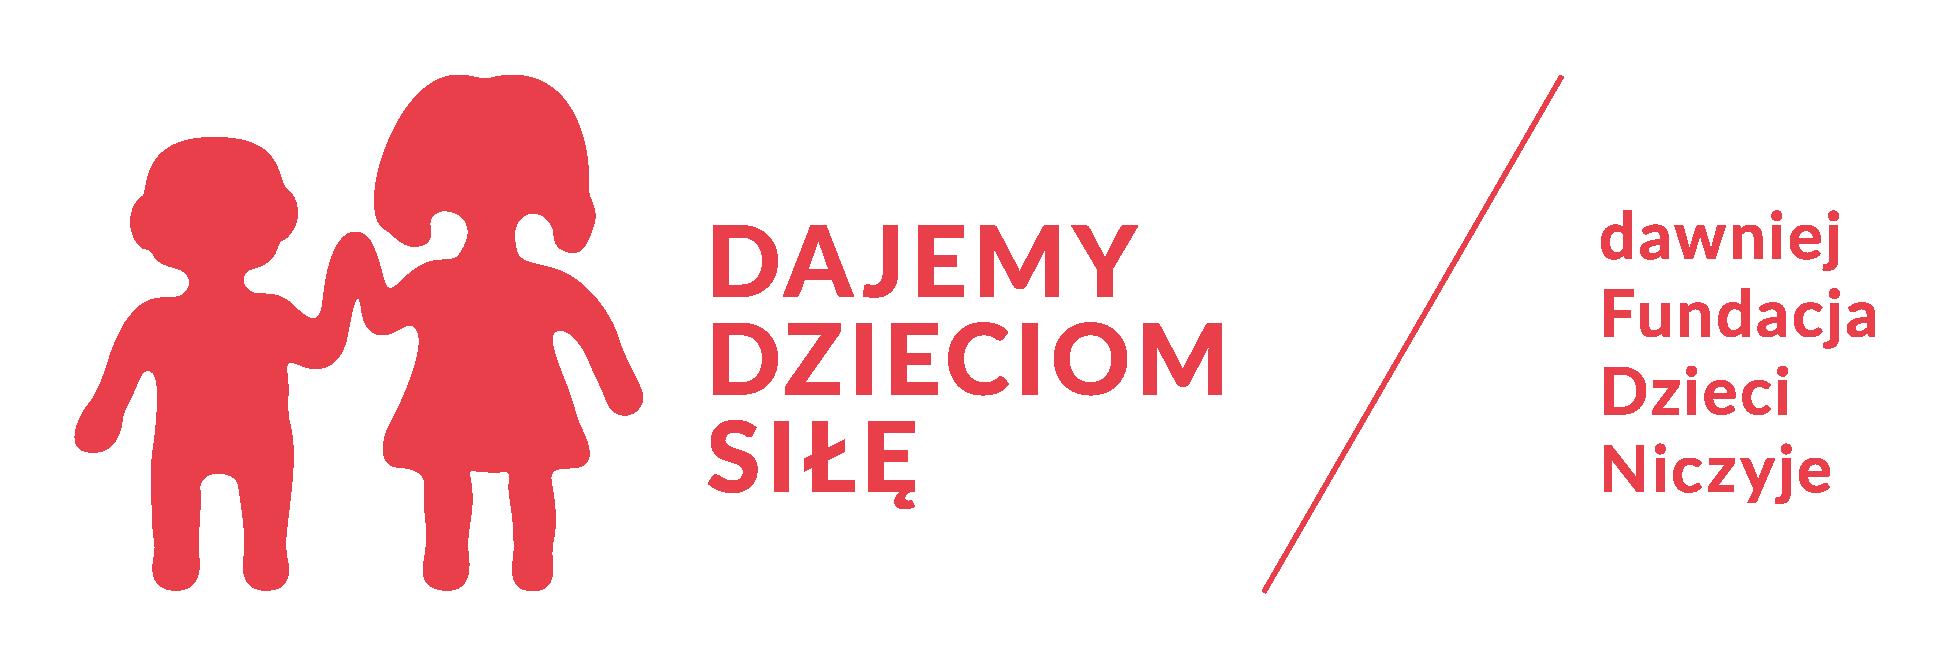 Kącik psychologa | Zespół Żłobków m.st. Warszawy